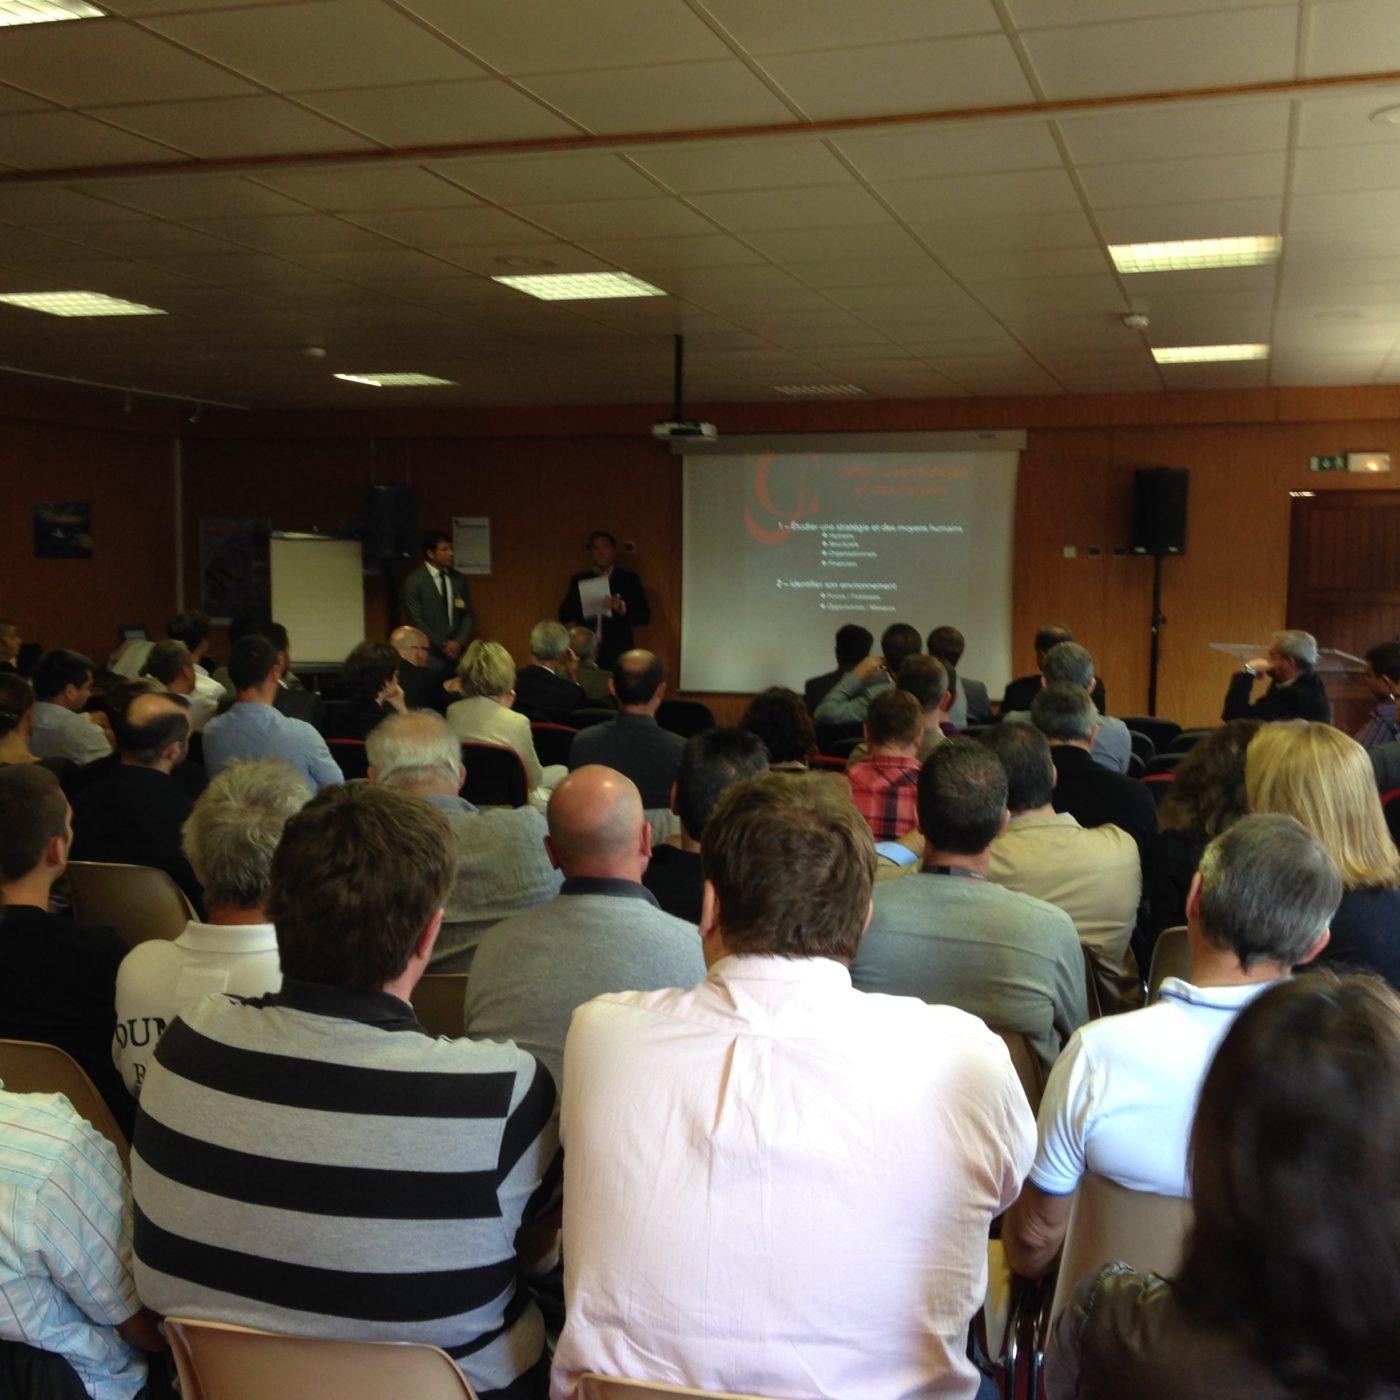 Intervention sportif haut niveau marc lievremont conférence coaching pays basque sud ouest bordeaux toulouse